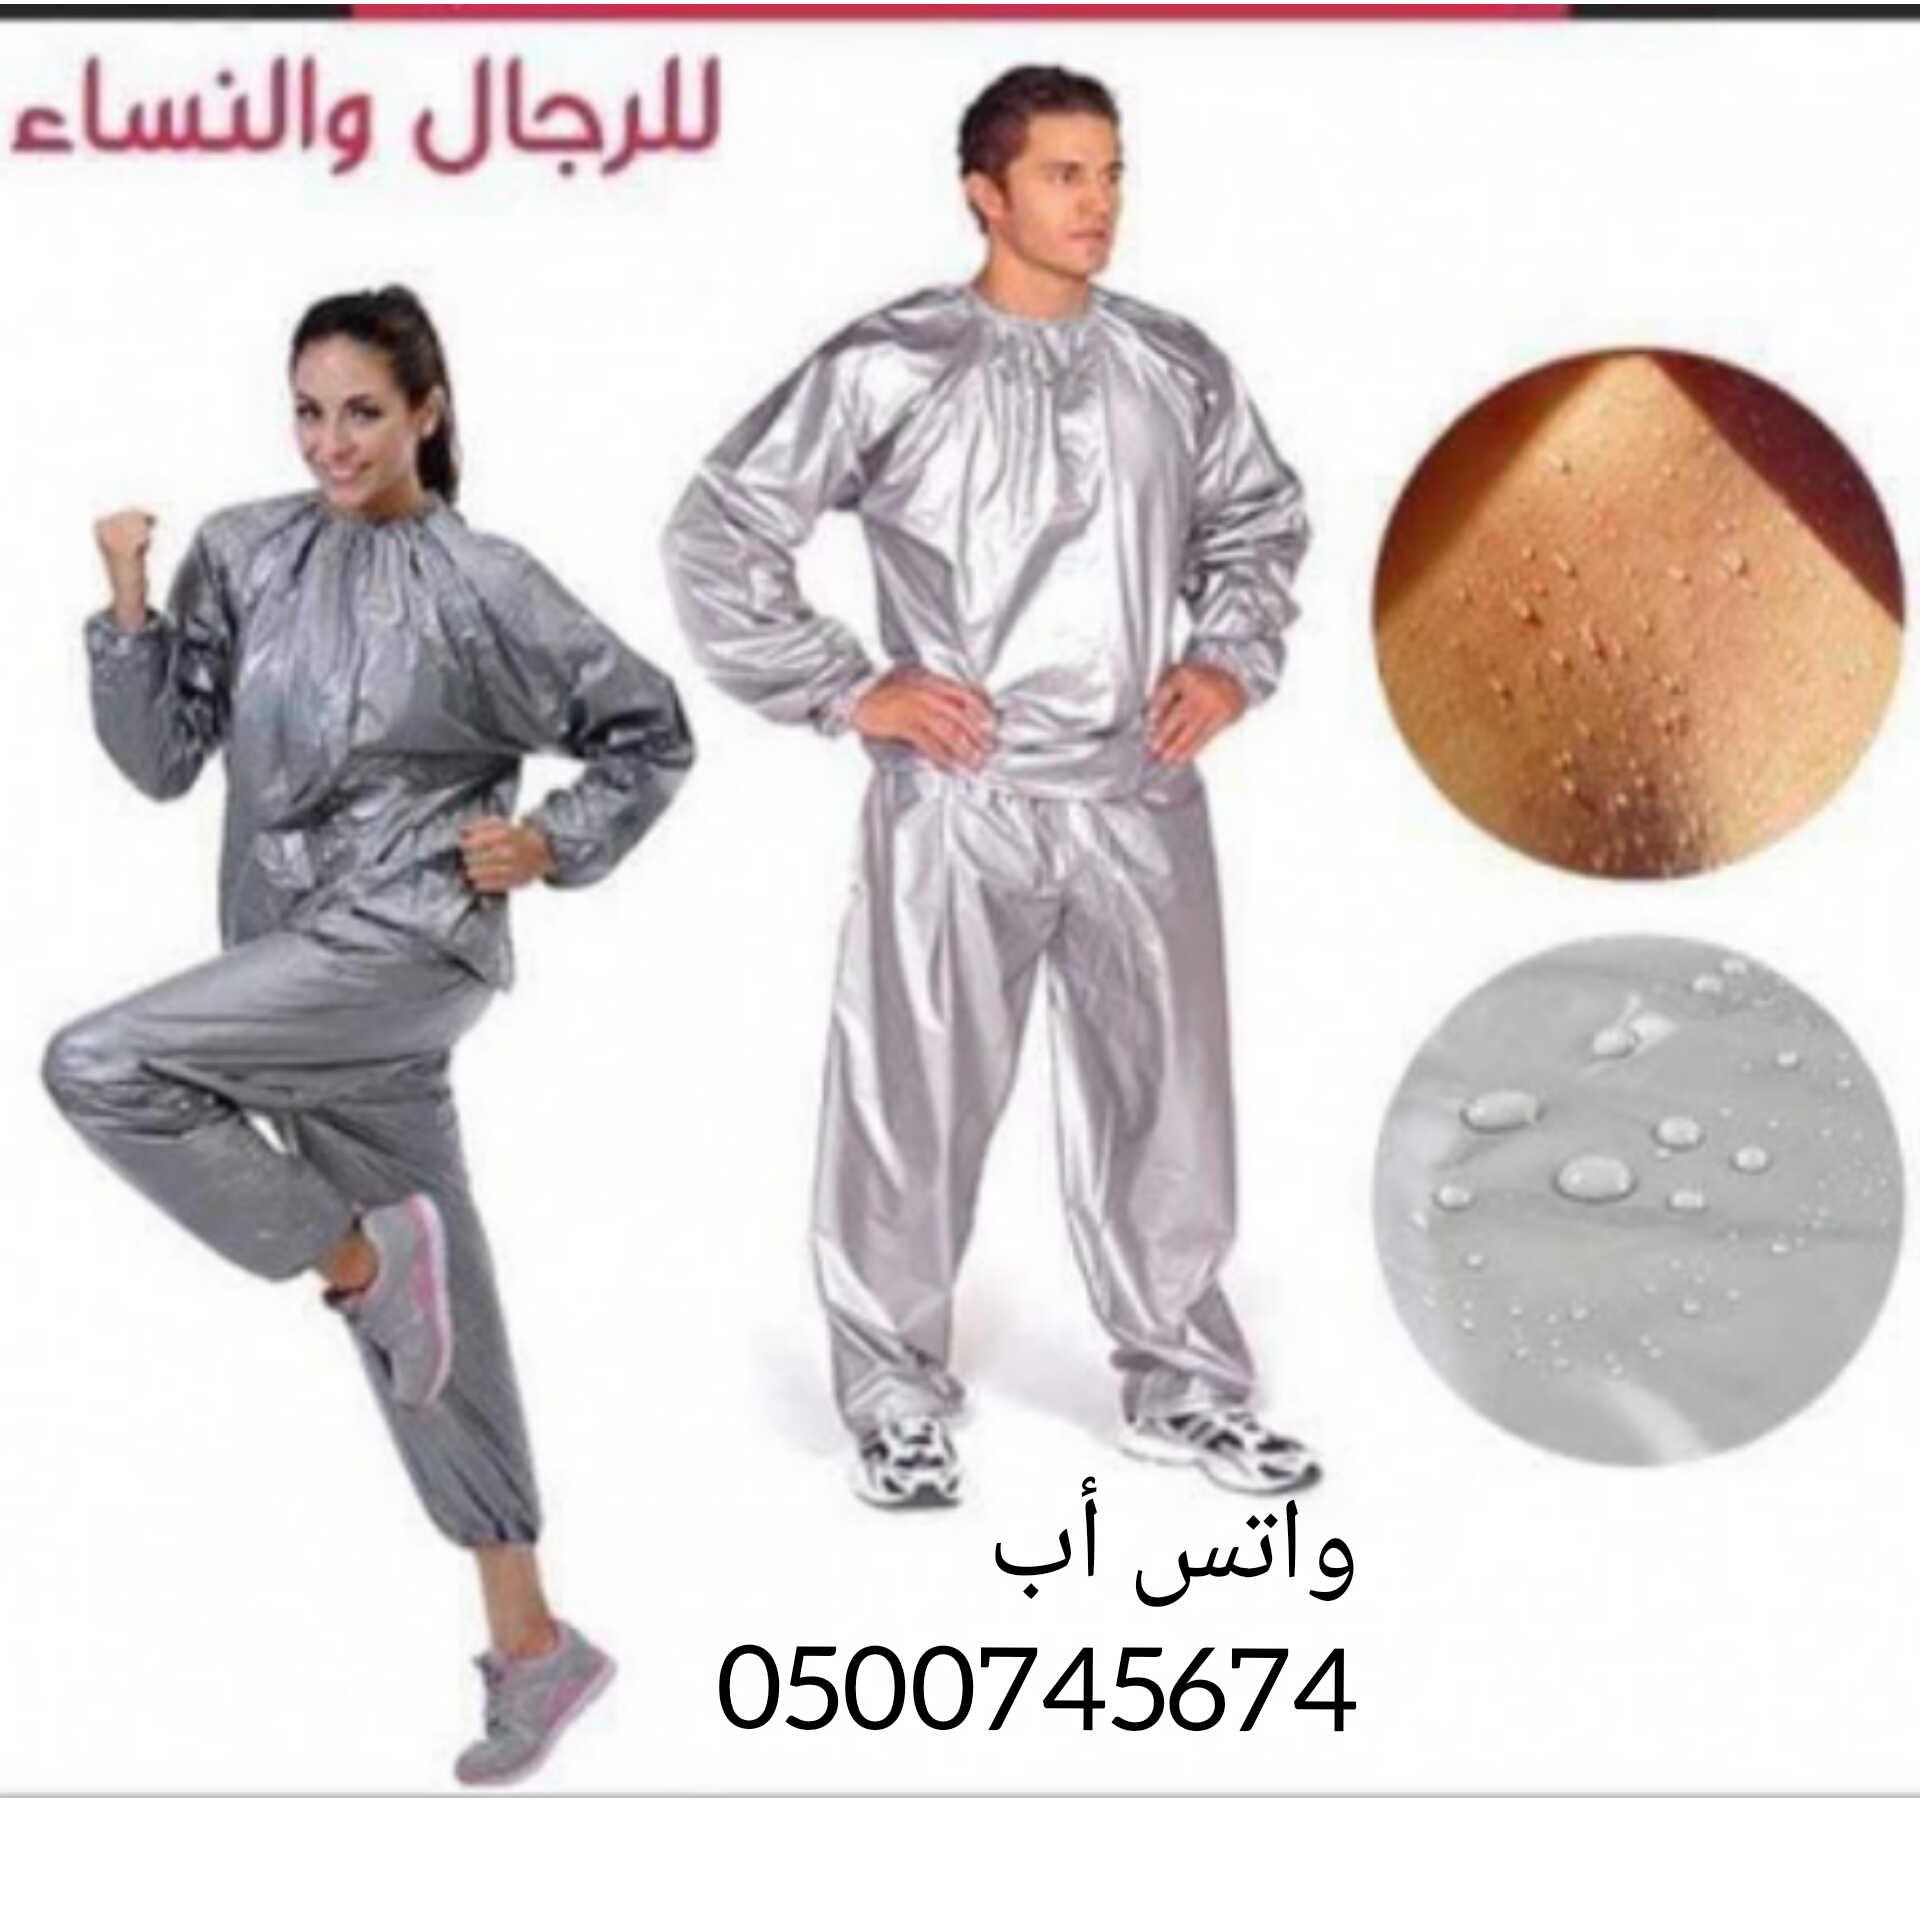 صورة بدلة الساونا الحرارية للرجال والنساء